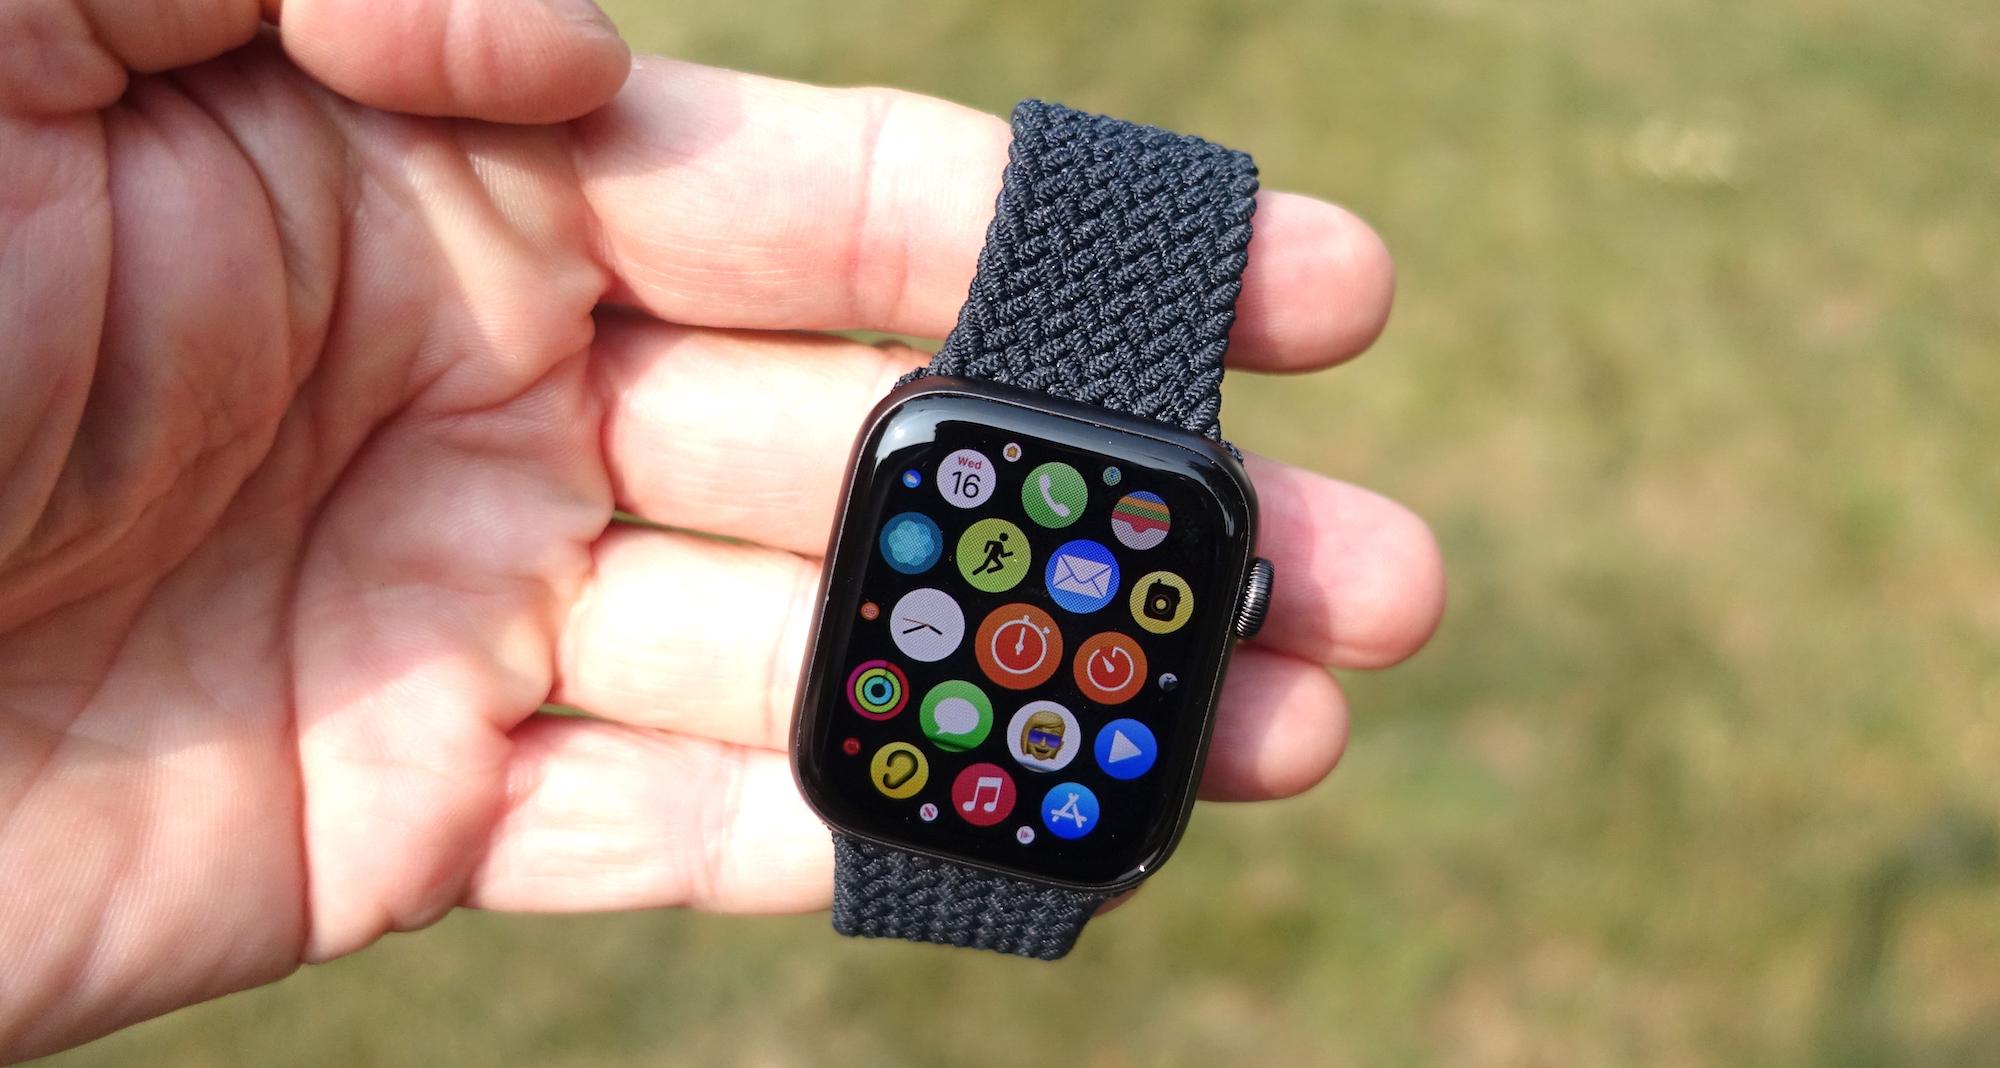 Best GPS tracker: Apple Watch SE